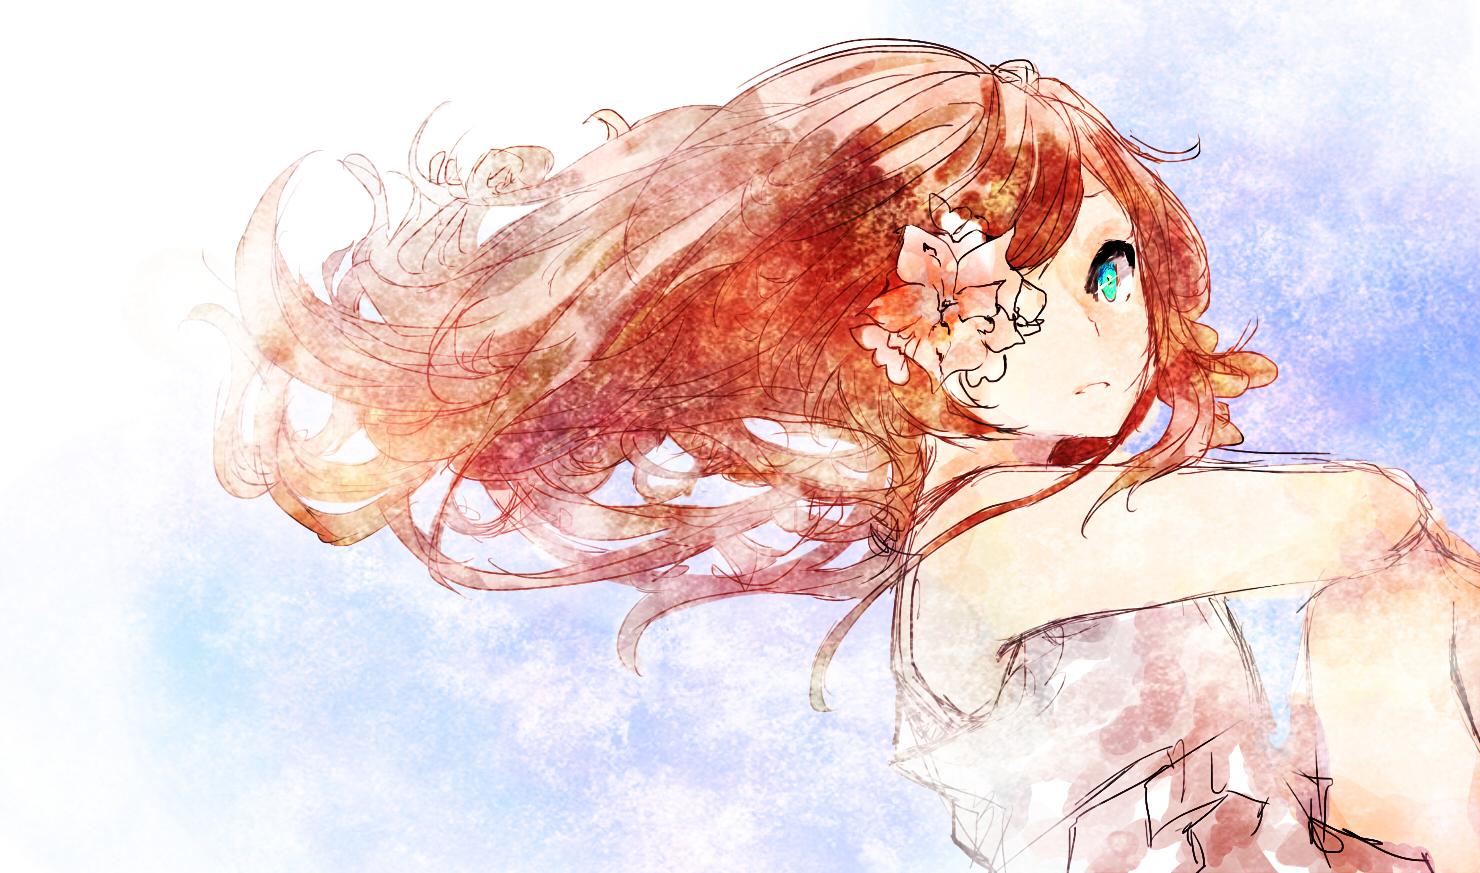 hungary axis powers hetalia zerochan anime image board